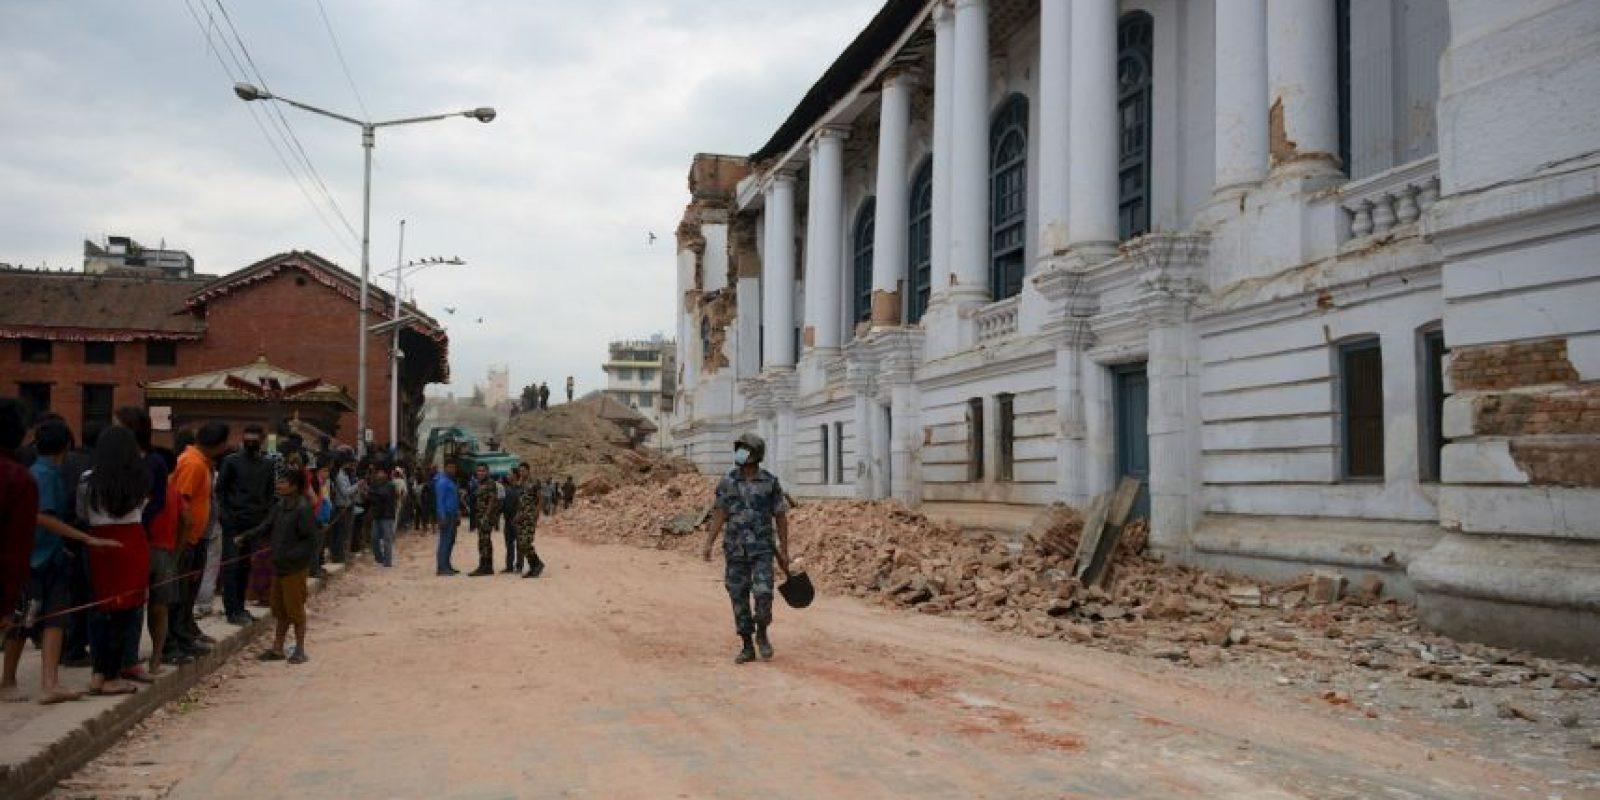 El terremoto y las réplicas del sábado en Nepal afectaron a casi el 40 por ciento del país, según informó el Programa de Desarrollo de las Naciones Unidas en Nepal (PNUD). Foto:vía AP